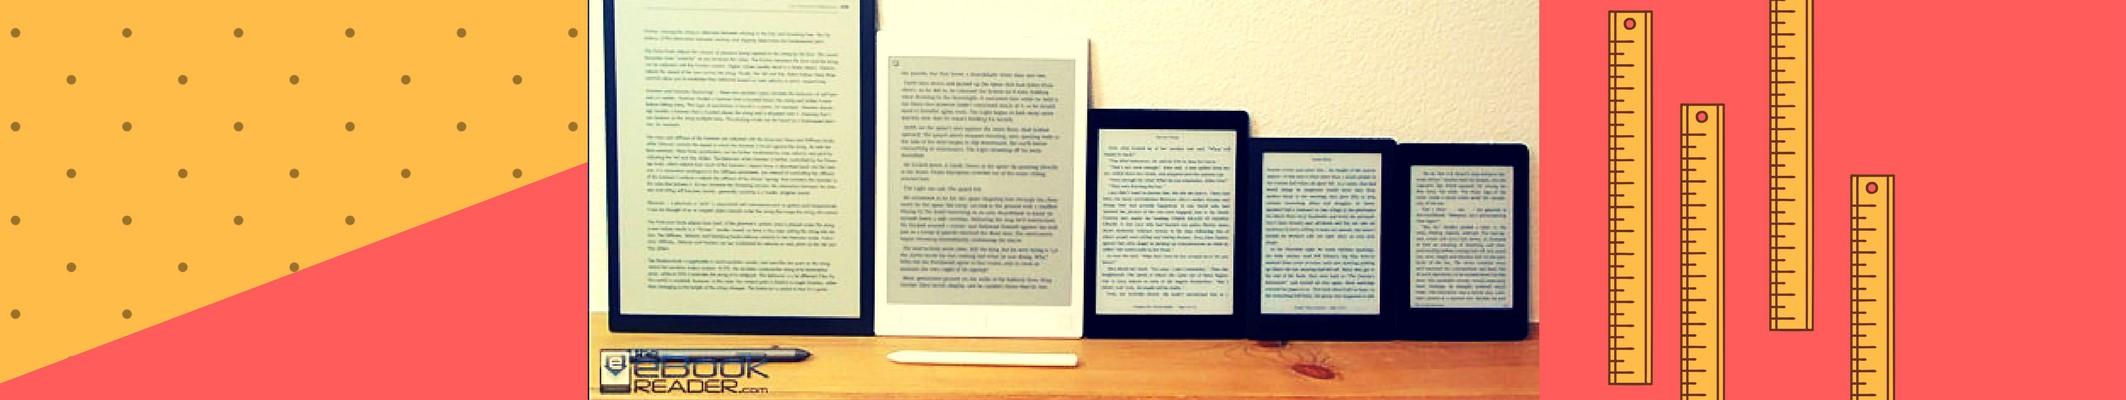 Sprawdź, czytniki o różnych wielkościach ekranów E-Ink - wideo